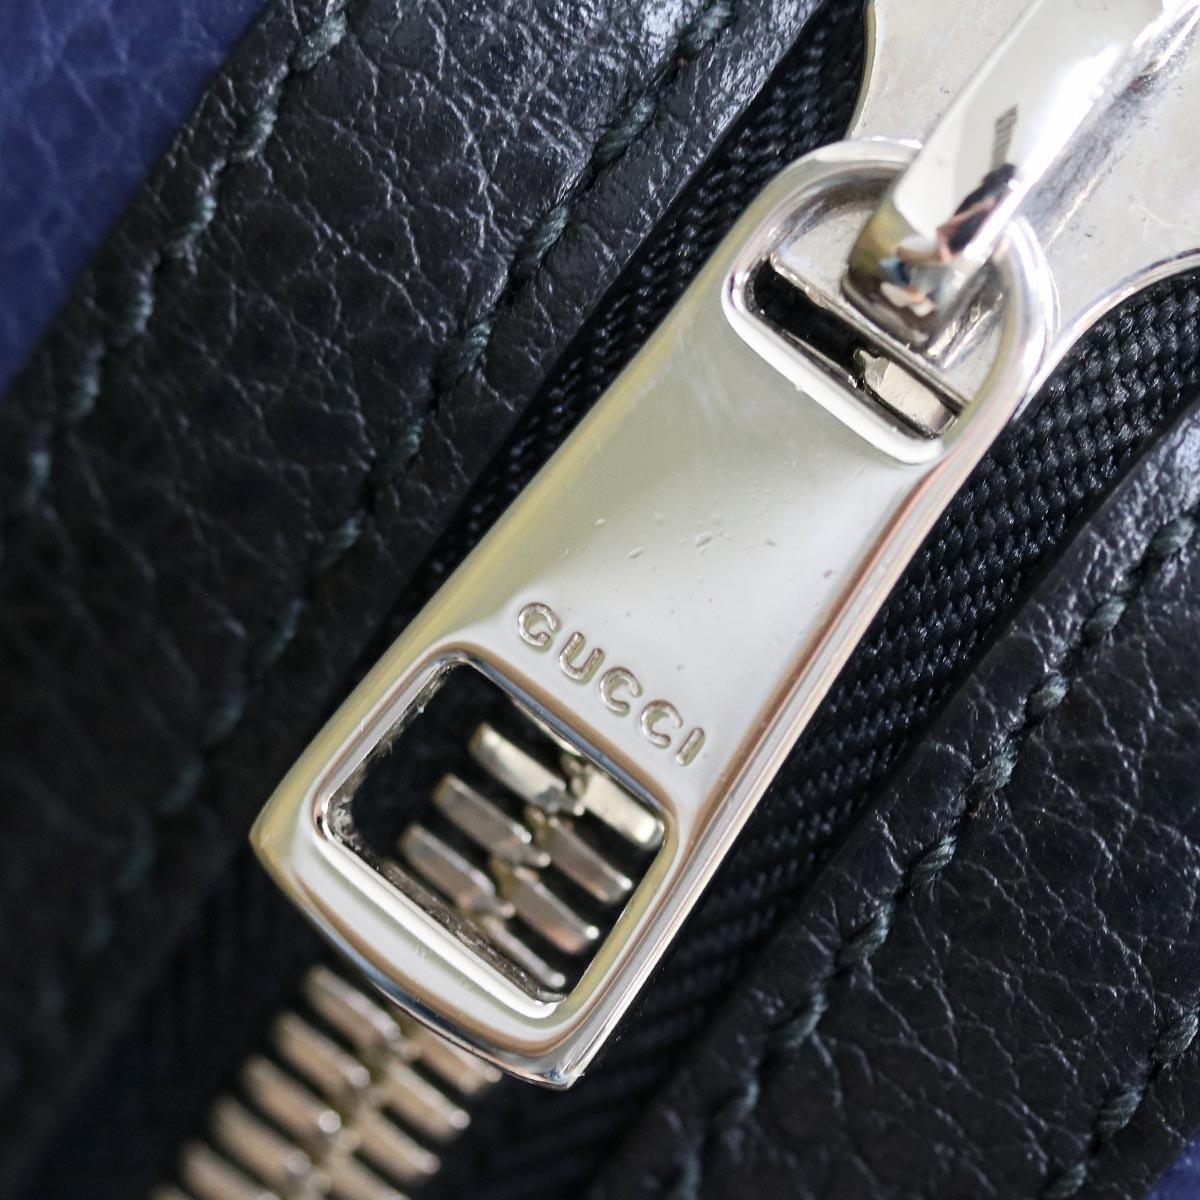 本物 極上品 グッチ 最高級トリヨンレザー コスモポリス 2WAYメンズビジネスバッグ A4書類ブリーフケース トートバッグ 袋 冊子付 GUCCI_画像6